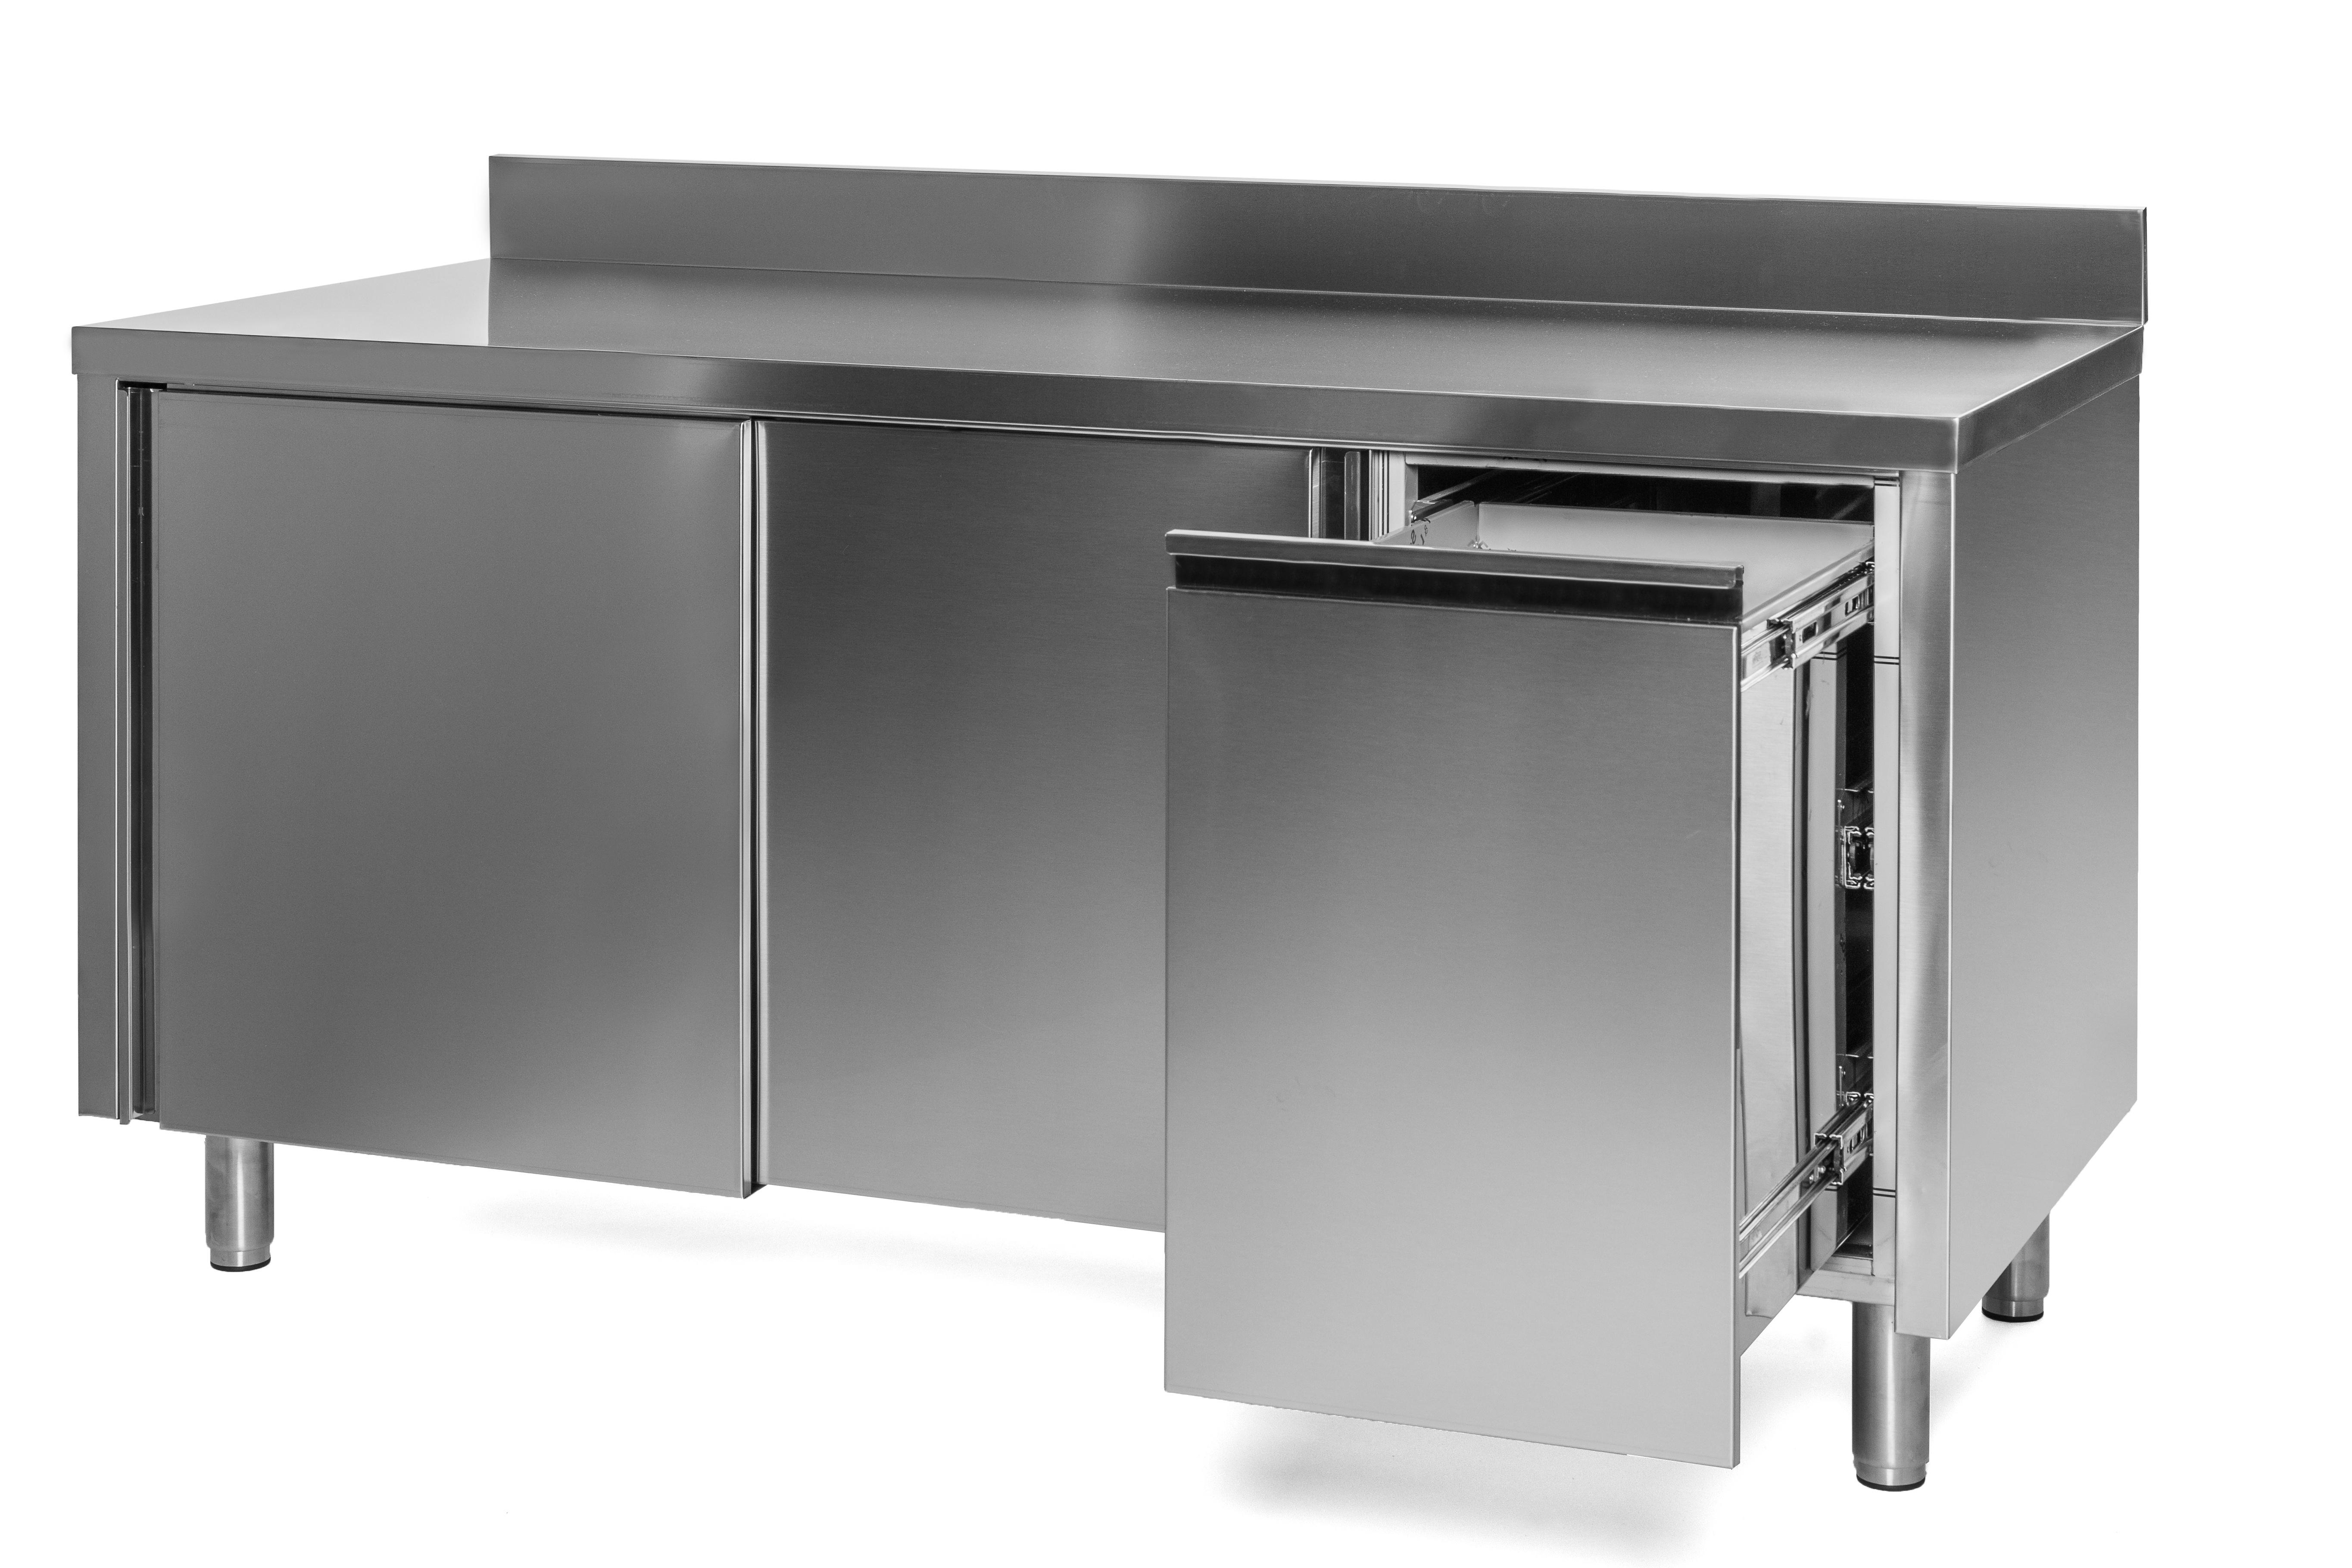 Unterkategorie - Arbeitsschrank mit Abfallbehälter - 0,7 m Aufkantung